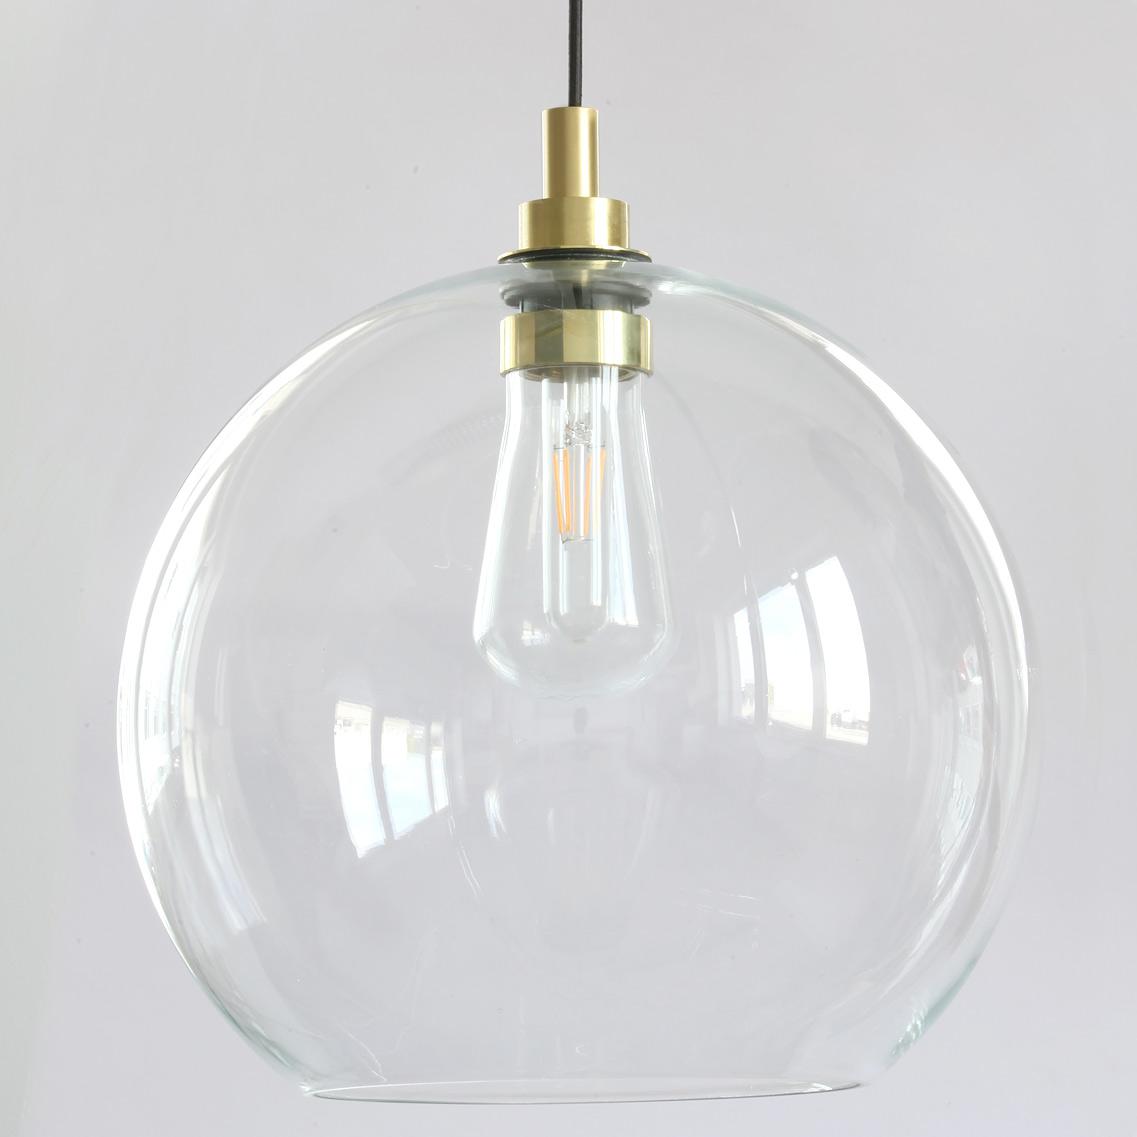 Große Hängeleuchte mit offenem Kugel Glasschirm, IP20   Casa Lumi